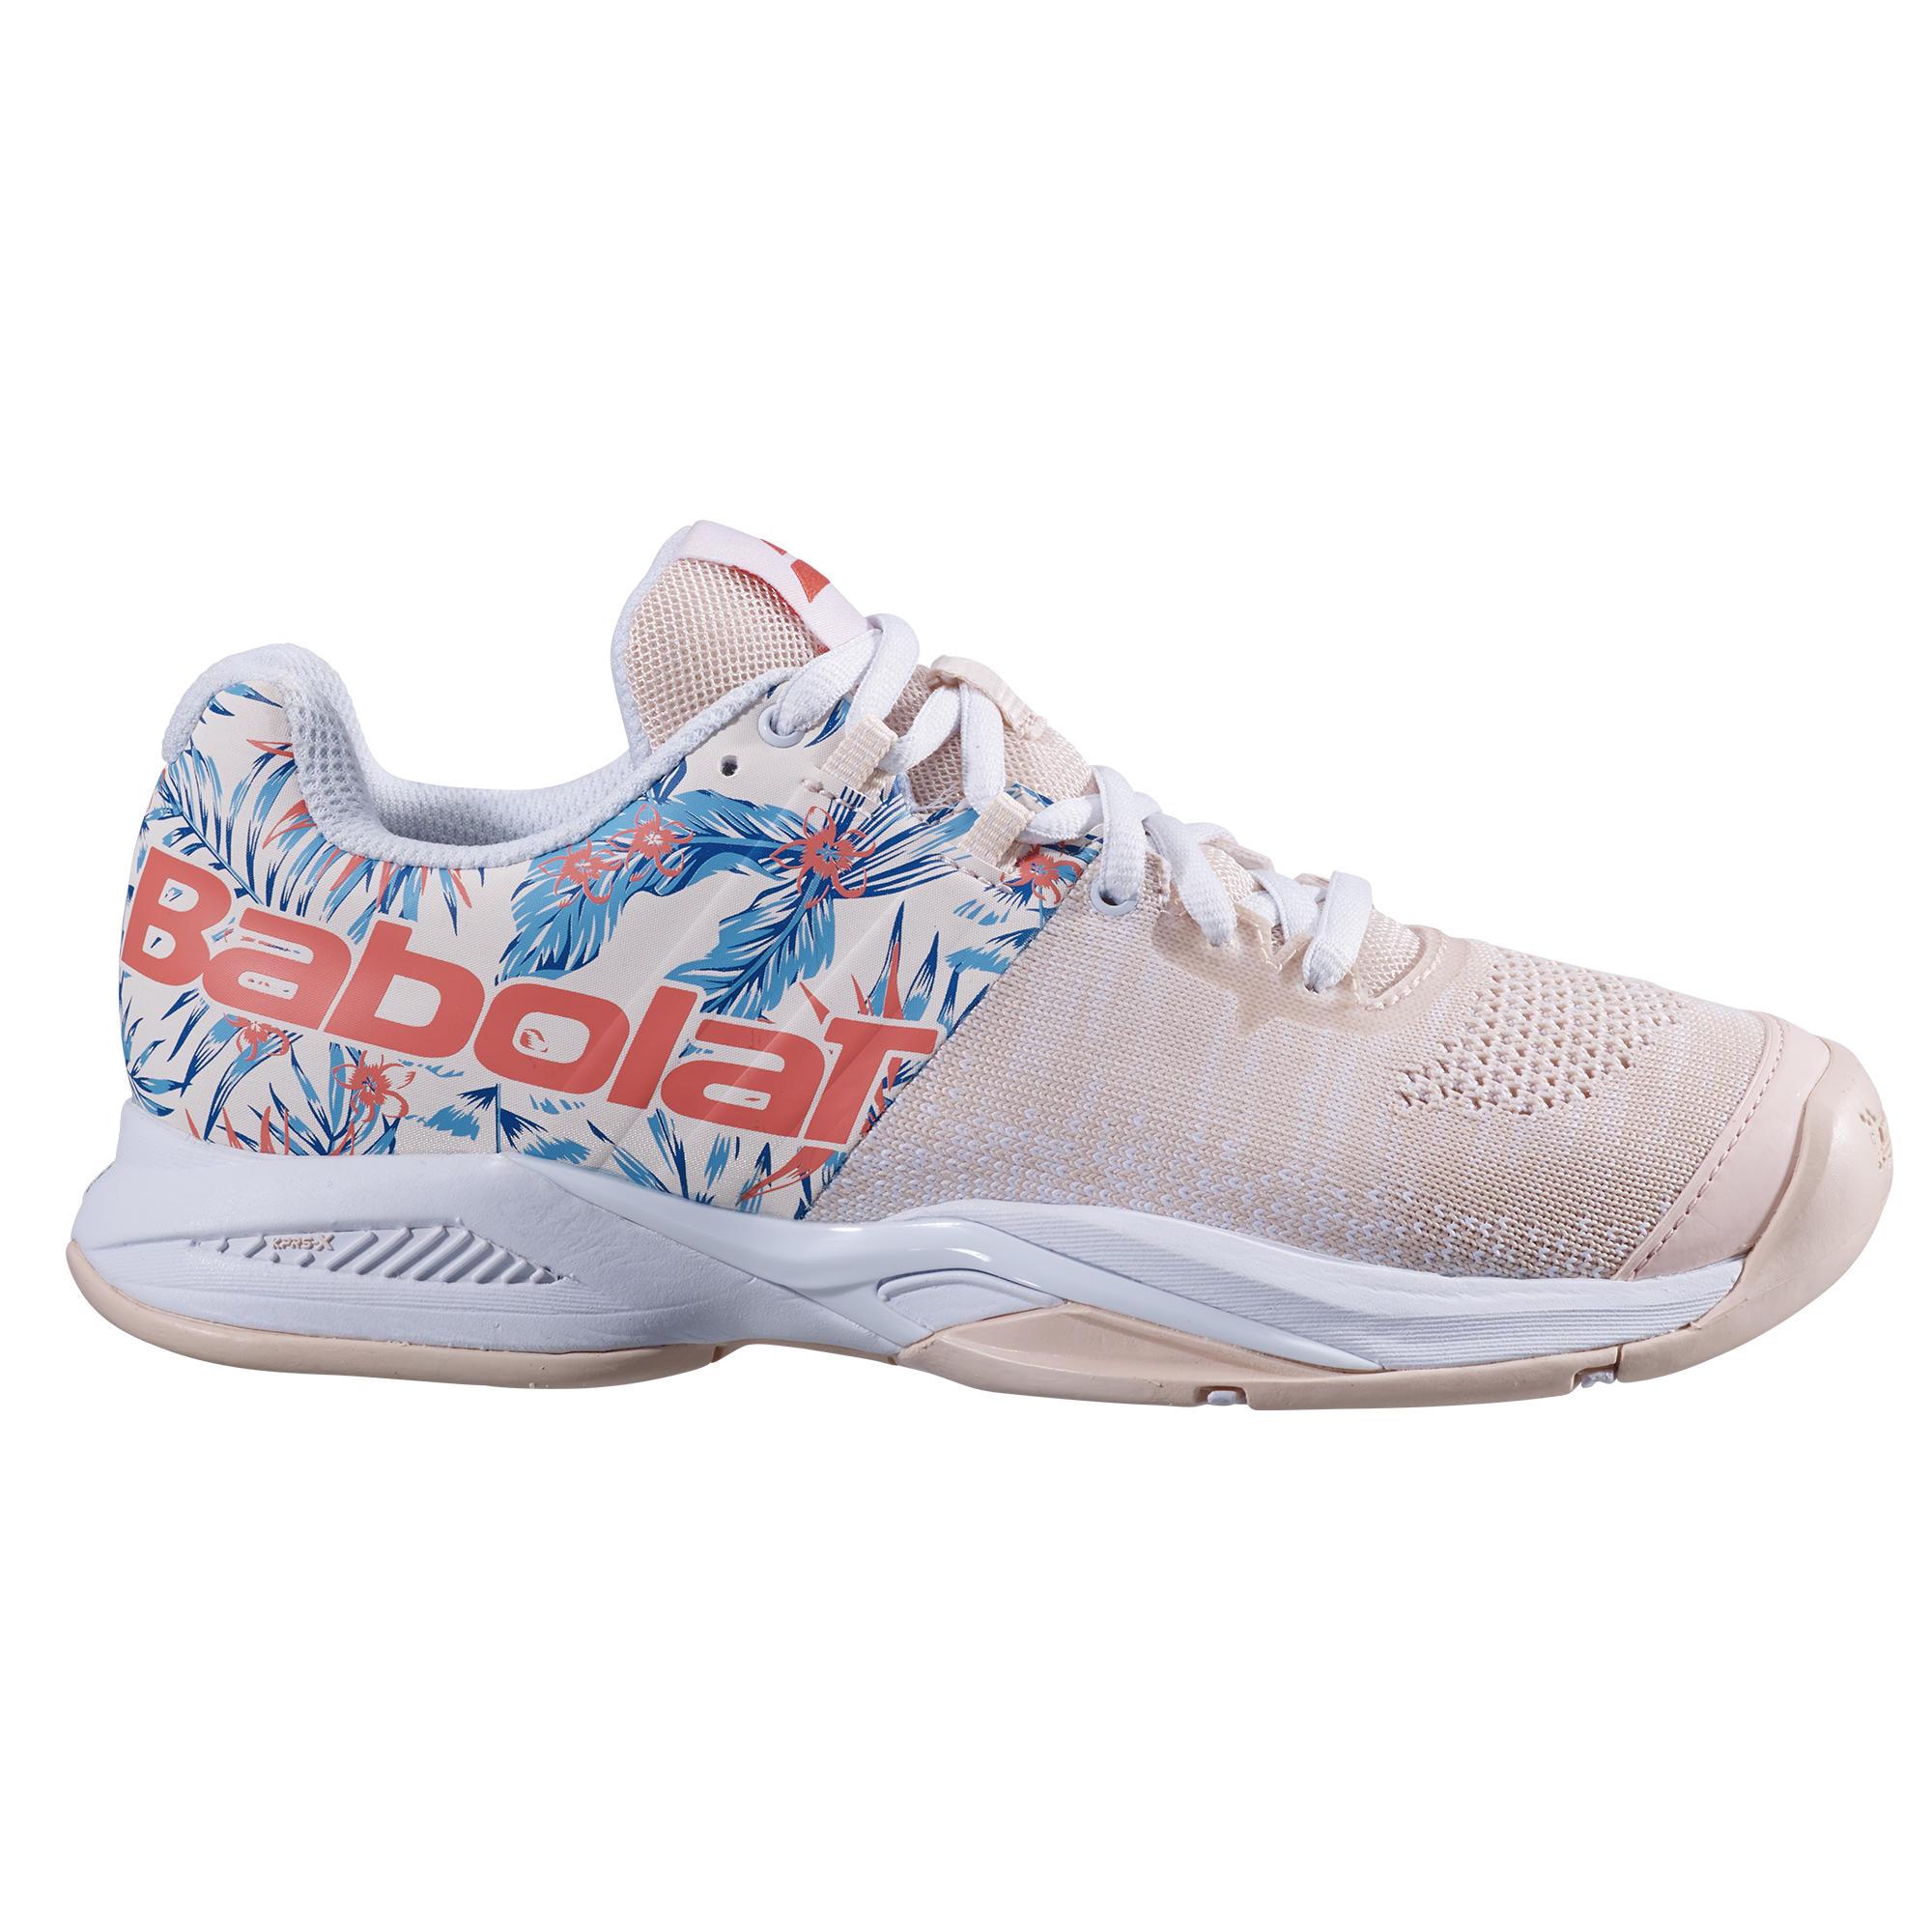 Tennisschuhe Propulse Blast Damen Blumenmuster | Schuhe > Sportschuhe > Tennisschuhe | Babolat